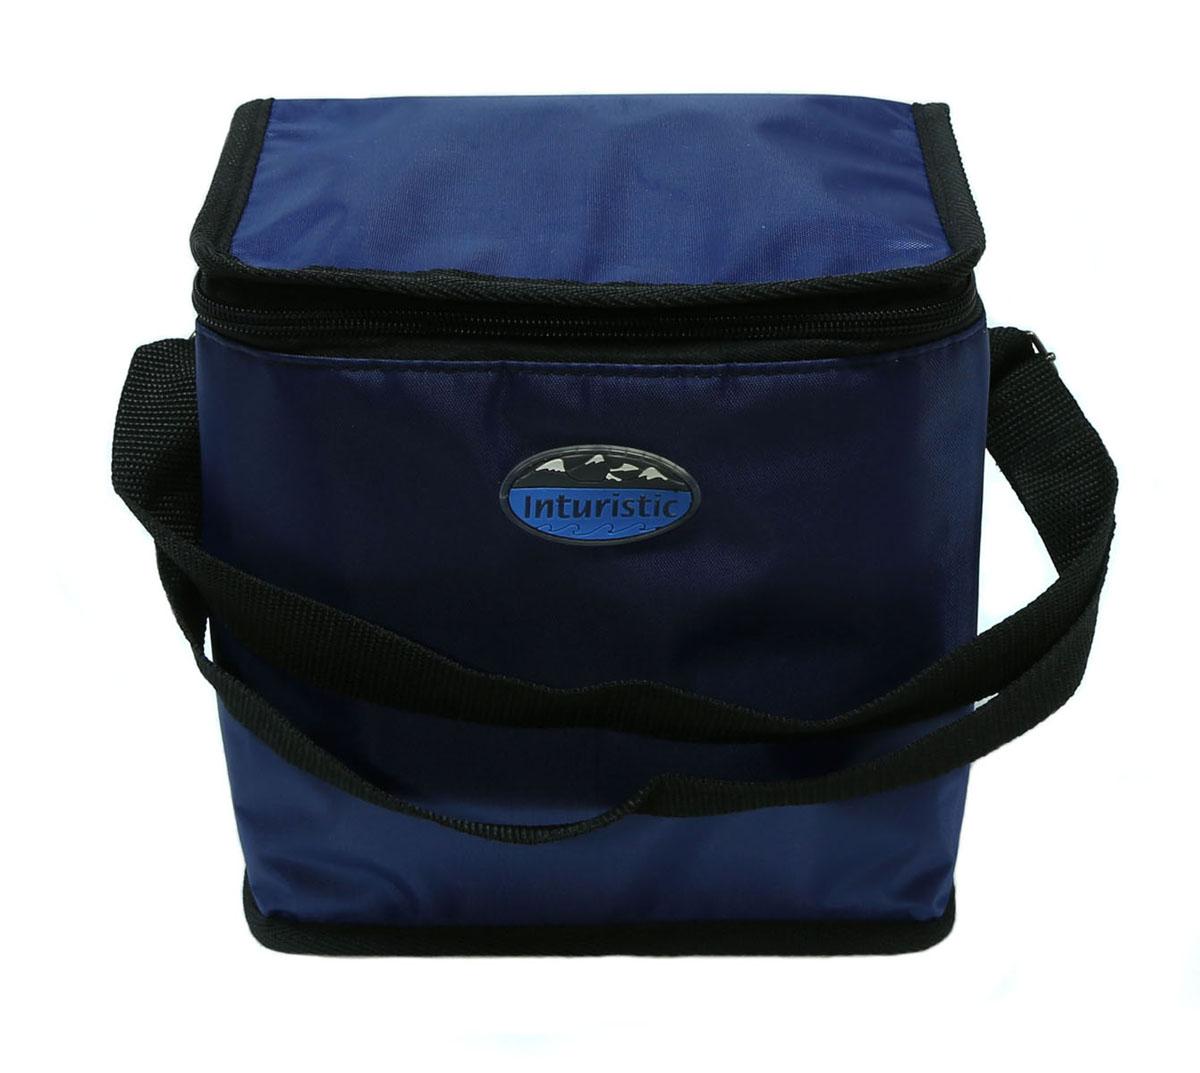 Сумка изотермическая Inturistic, цвет: синий, 6 л128540-2Изотермическая сумка Inturistic поможет сохранить температуру пищи и напитков в течение нескольких часов. Она будет удобна при поездках на дачу, на пикник и дальних путешествиях. Вмещает по высоте до 6 алюминиевых банок емкостью 0,5 л с прохладительными напитками. Наибольший эффект достигается при использовании аккумуляторов холода. Имеется карман для аккумулятора холода. Карман можно использовать для переноски необходимых мелочей. Сумка удобна для переноски контейнеров с едой и ланч боксов. Материал: Oxford ПВХ, тепло/гидроизоляционный материал, термостойкая изоляция. Объем сумки: 6 л.